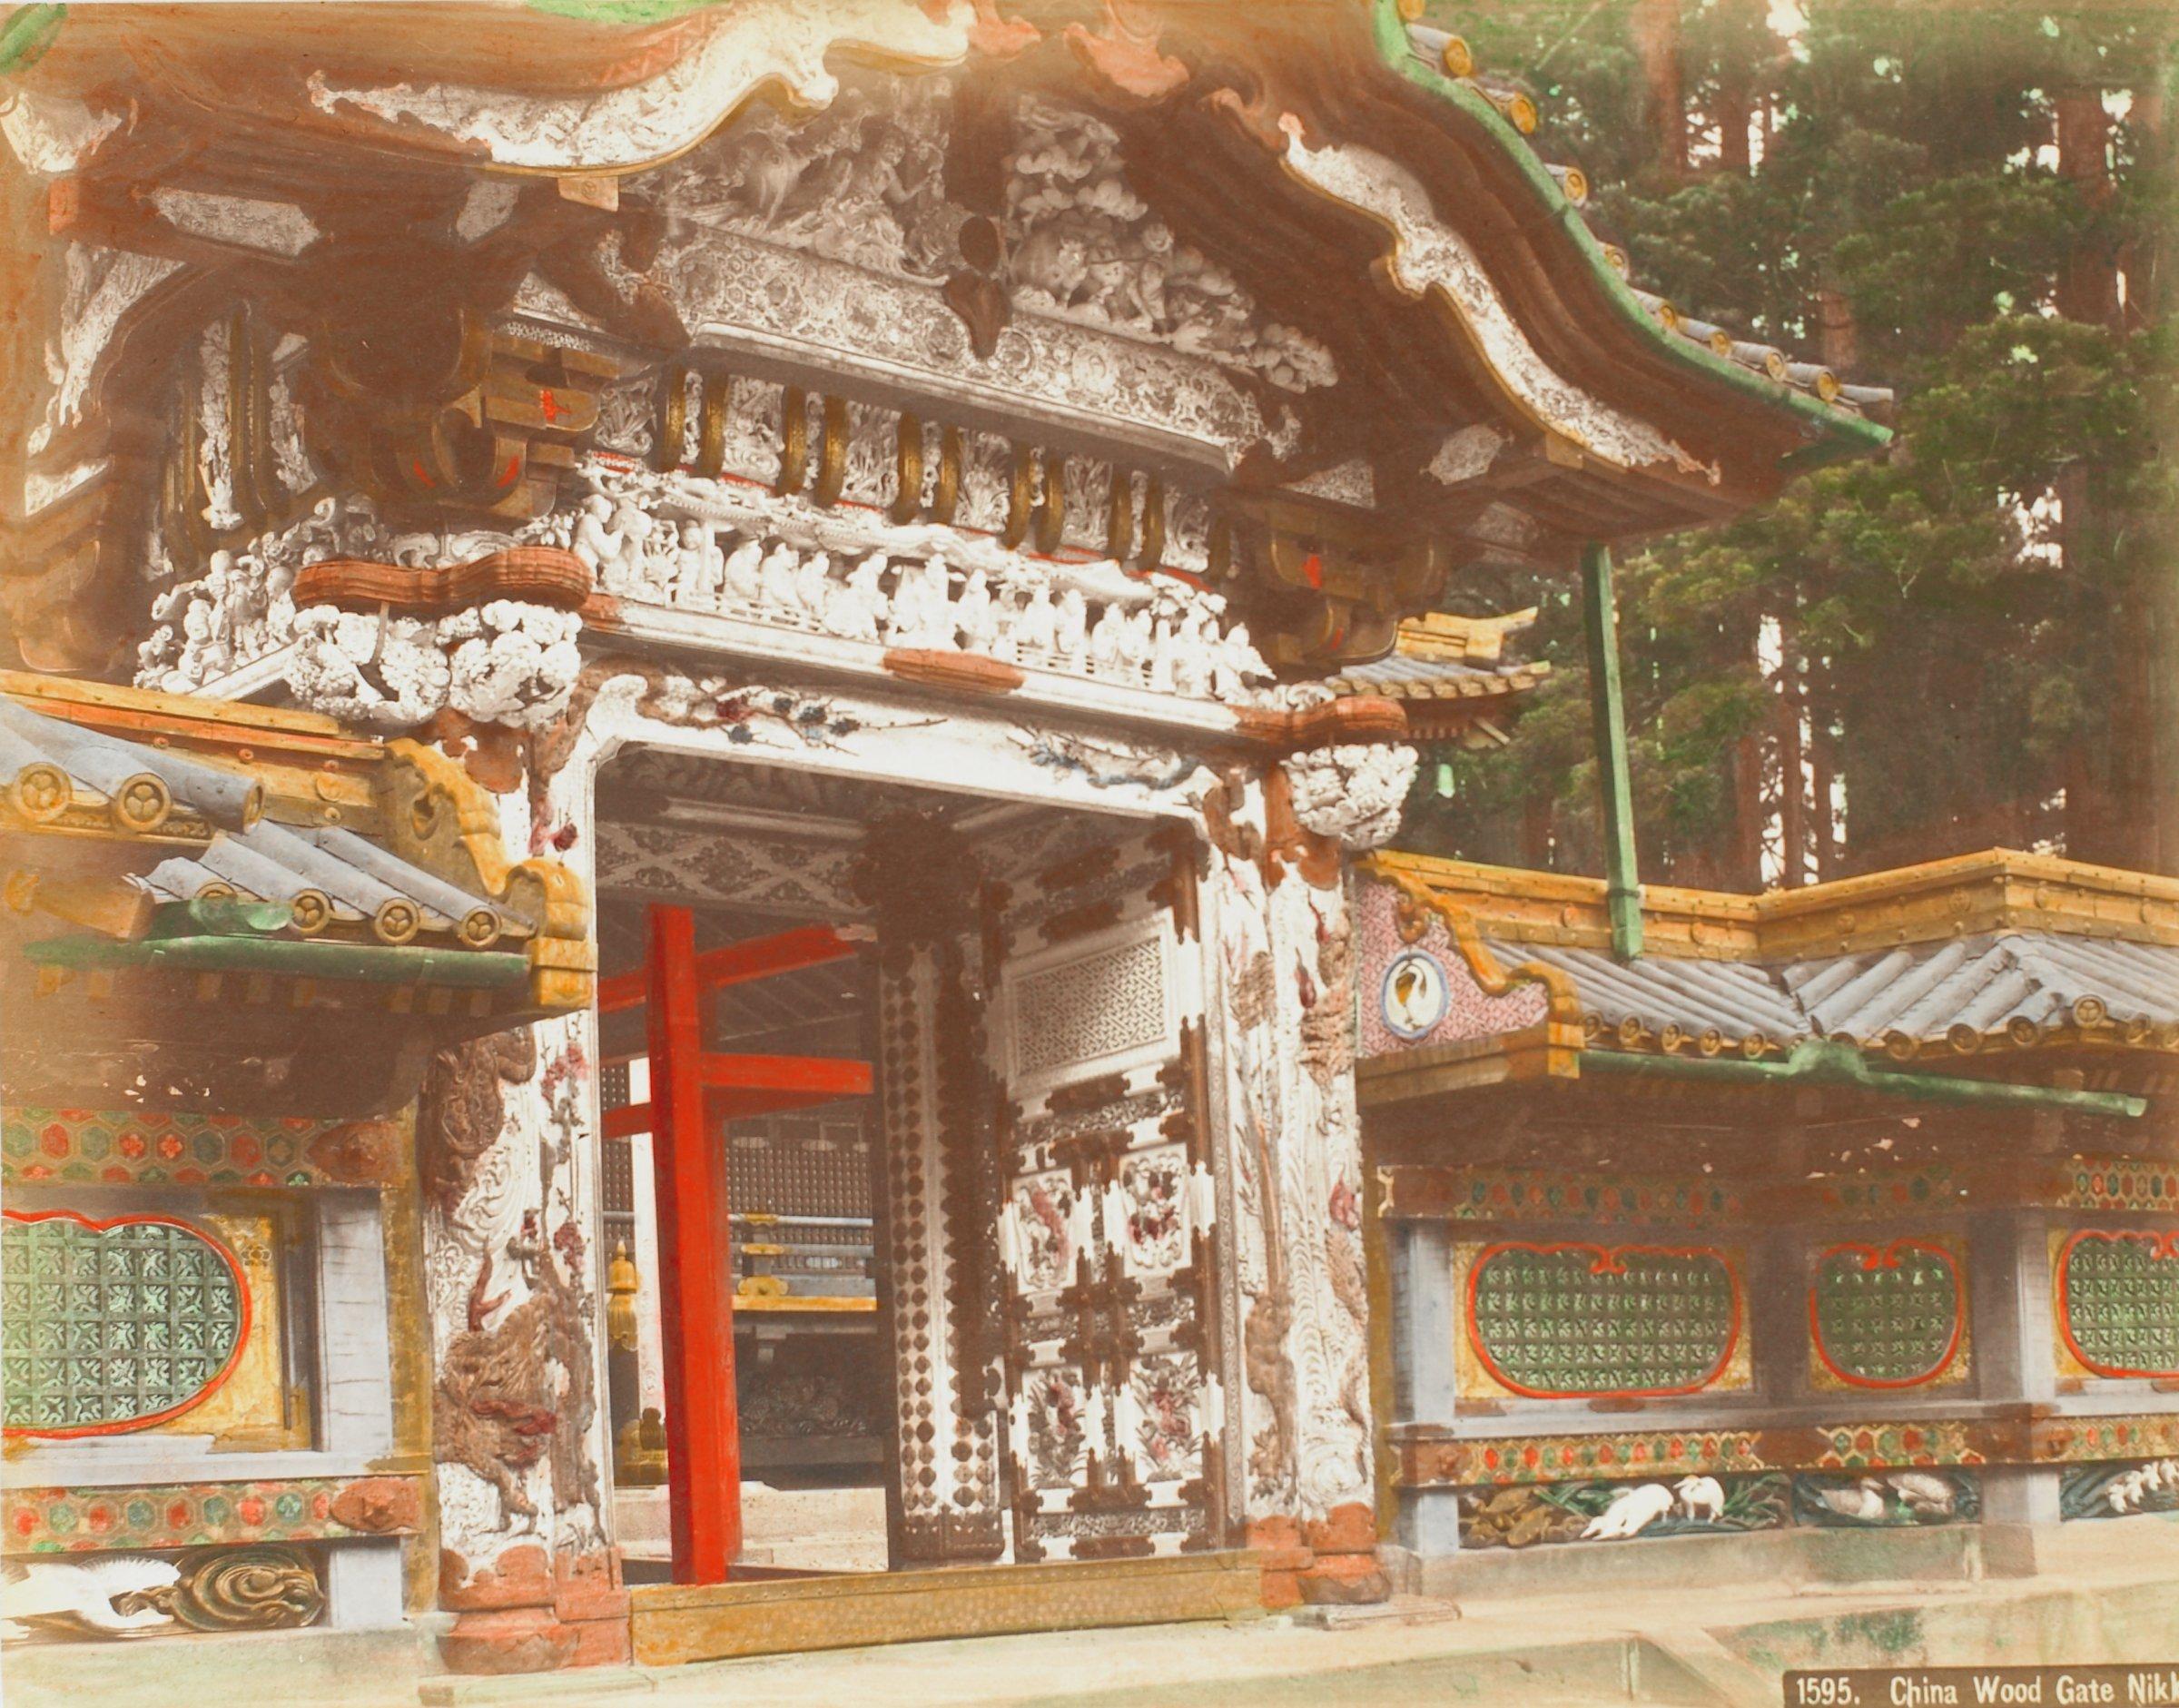 China Wood Gate Nikko (.42, recto); Ganman No Fuchi (pool of Ganman) at Nikko (.43, verso), Attributed to Kusakabe Kimbei, hand-colored albumen prints mounted to album page